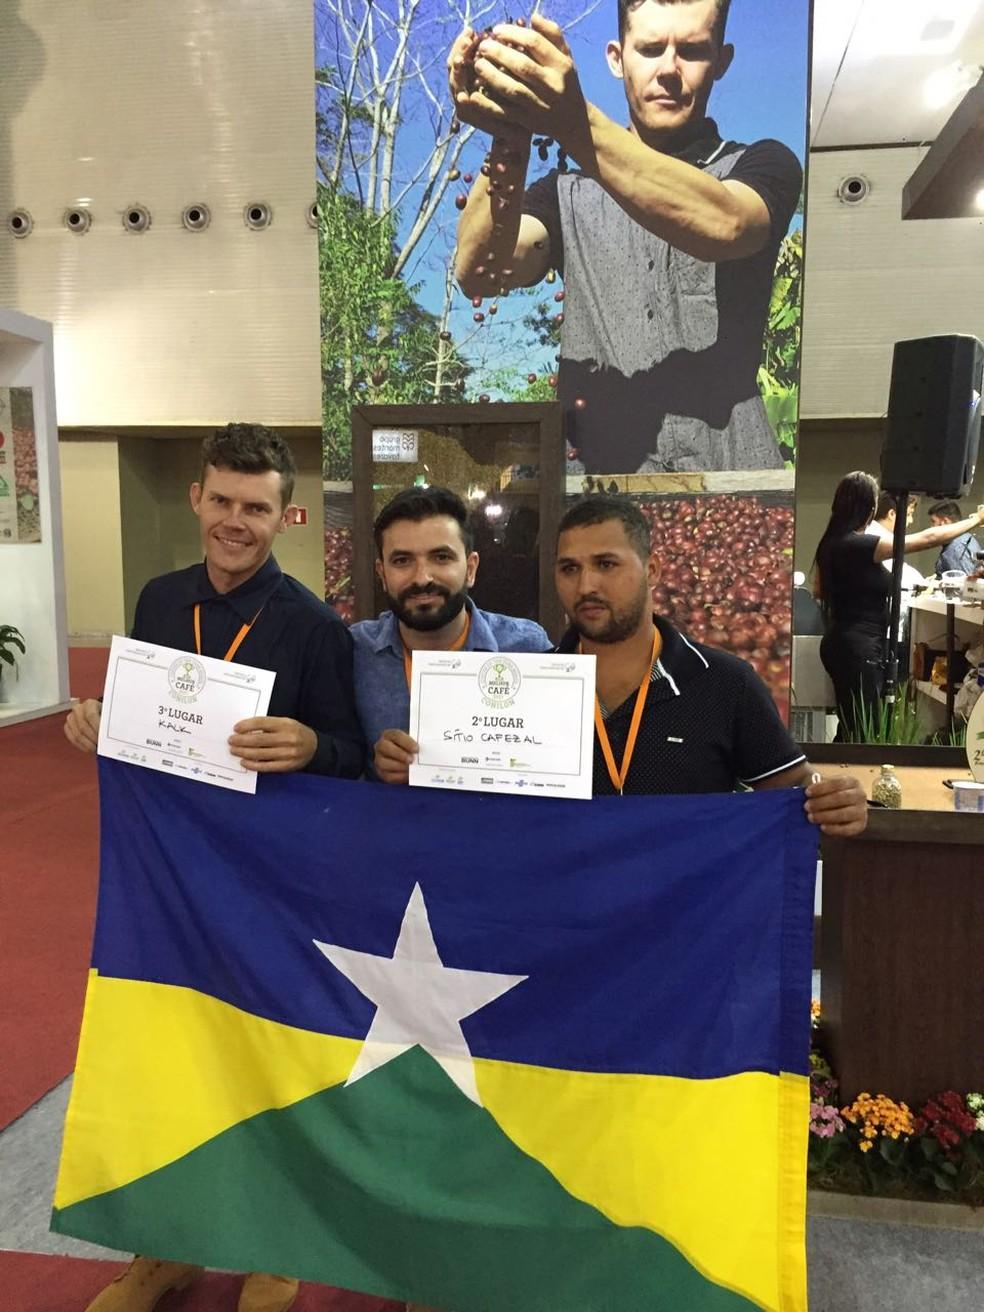 Concurso reuniu os melhores cafés do Brasil (Foto: Janderson Dalazen/Arquivo pessoal)